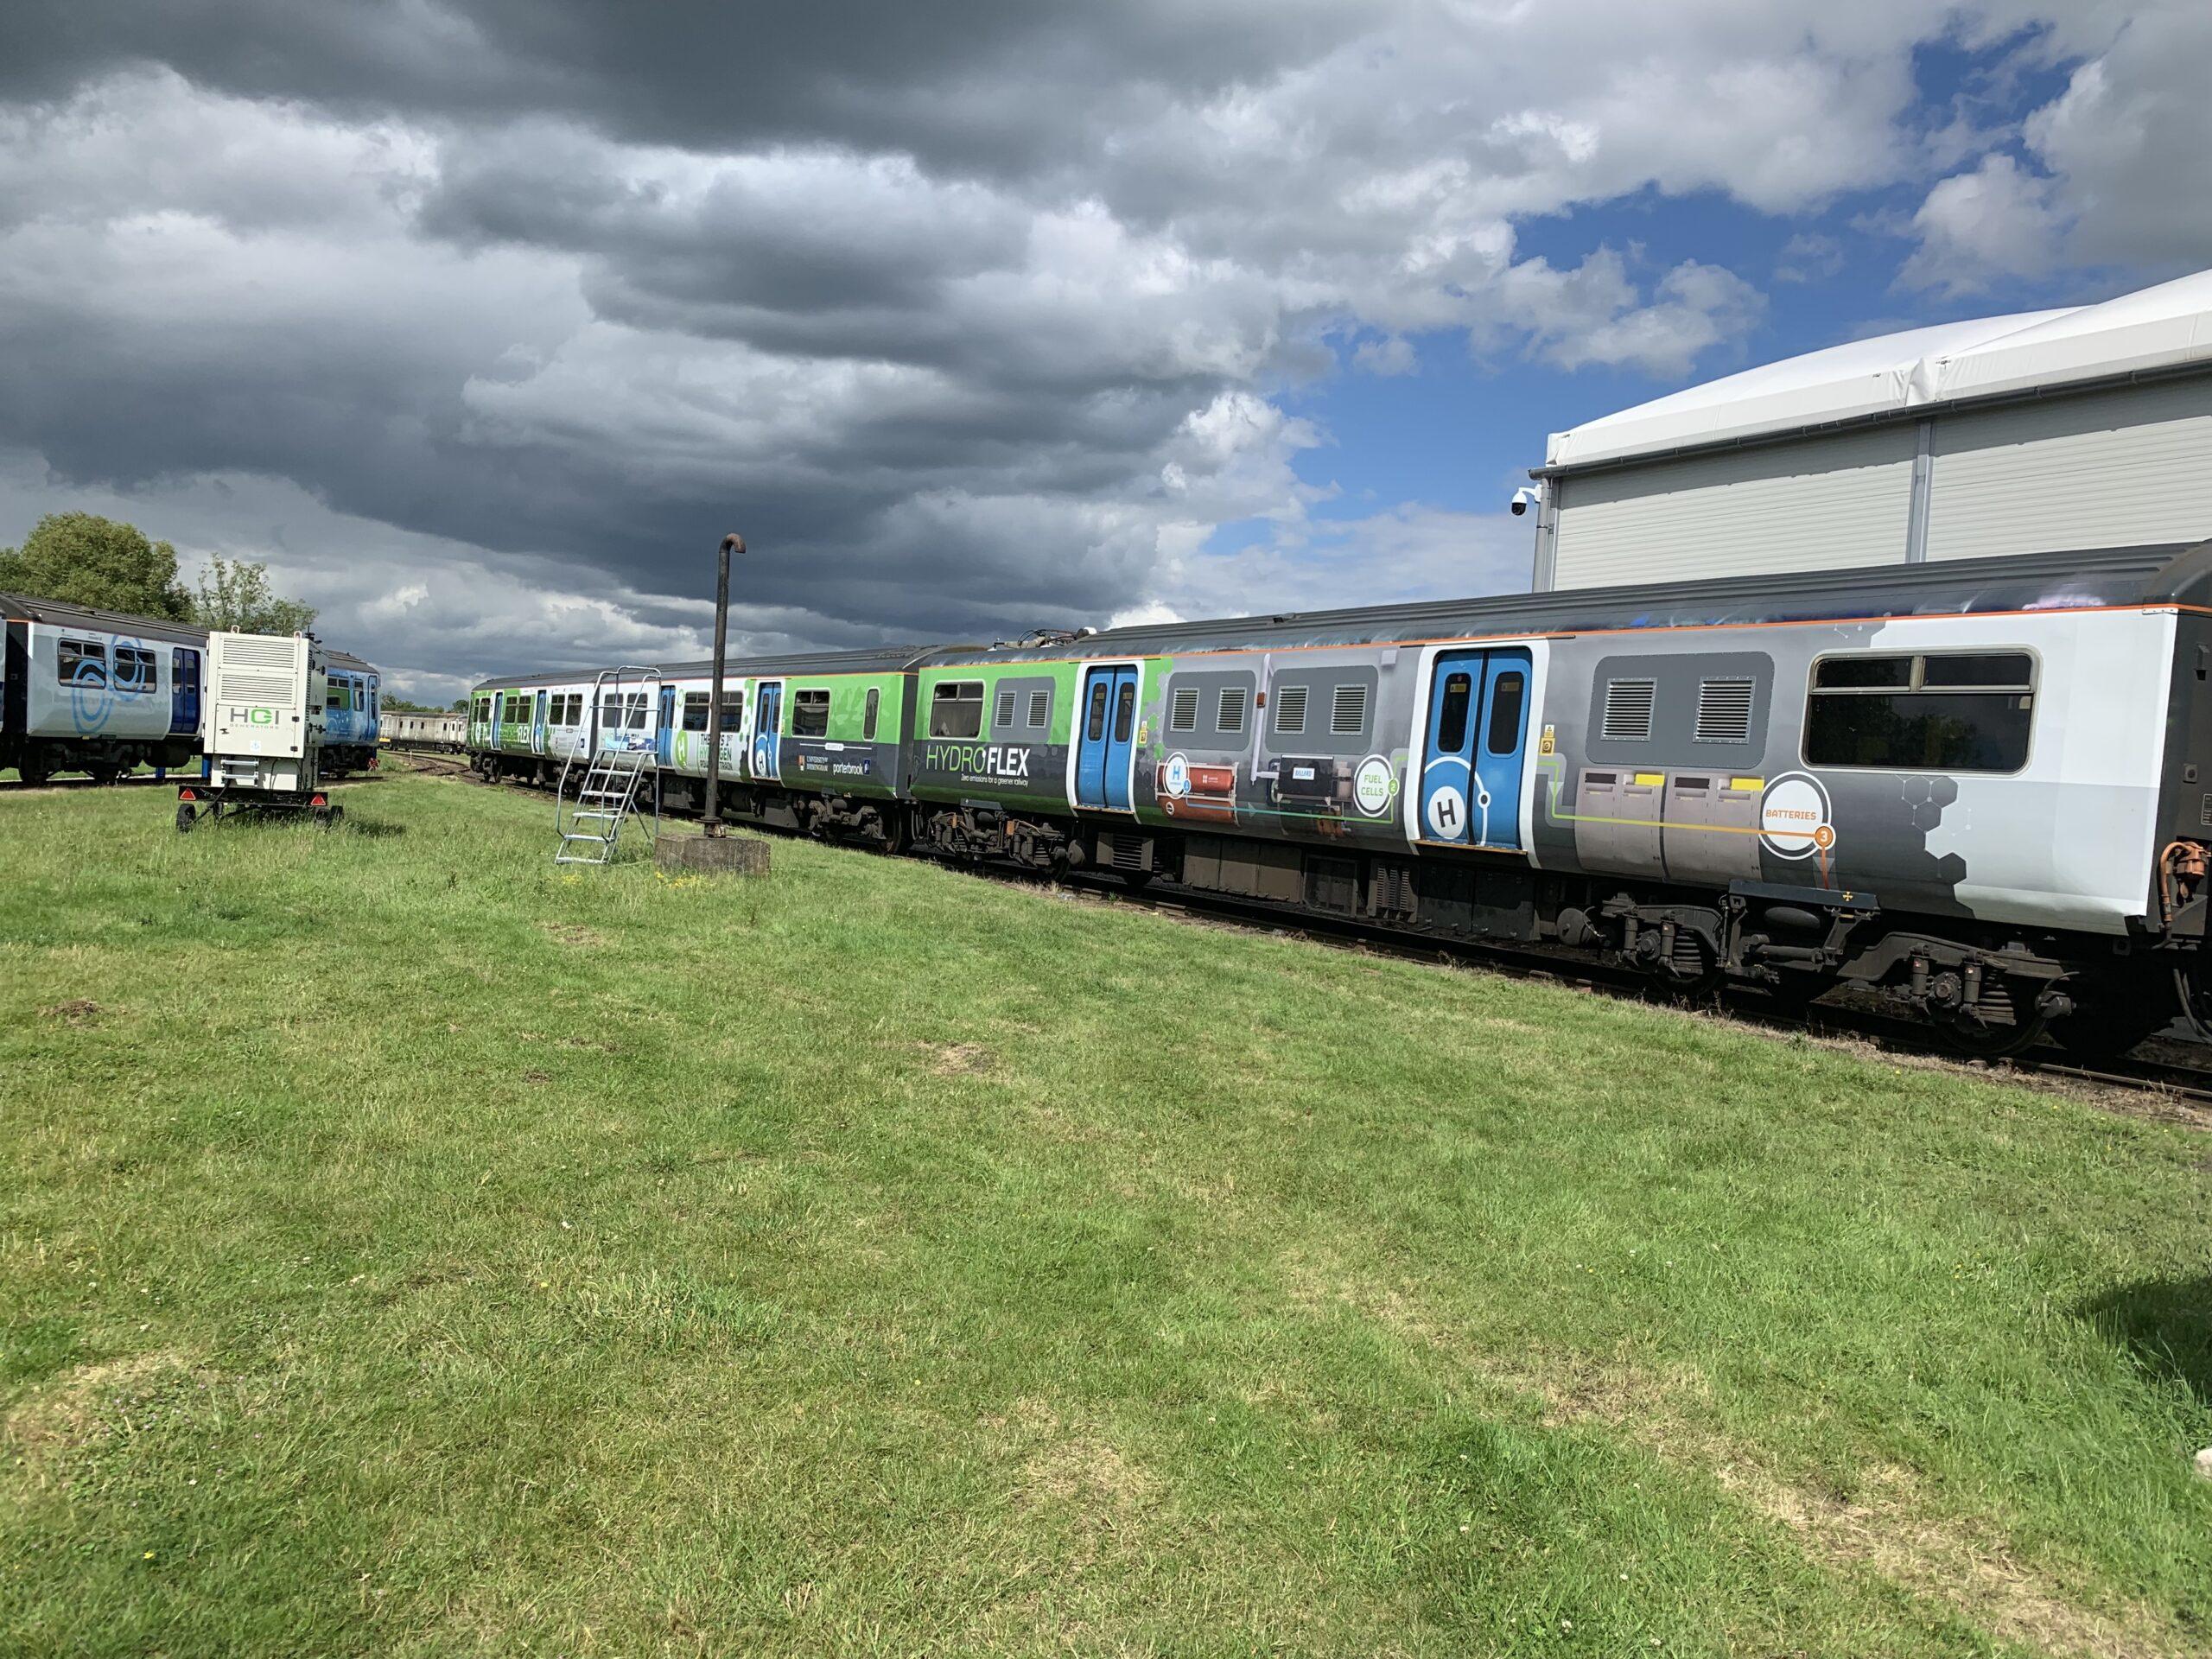 HydroFLEX at Rail Live 2019